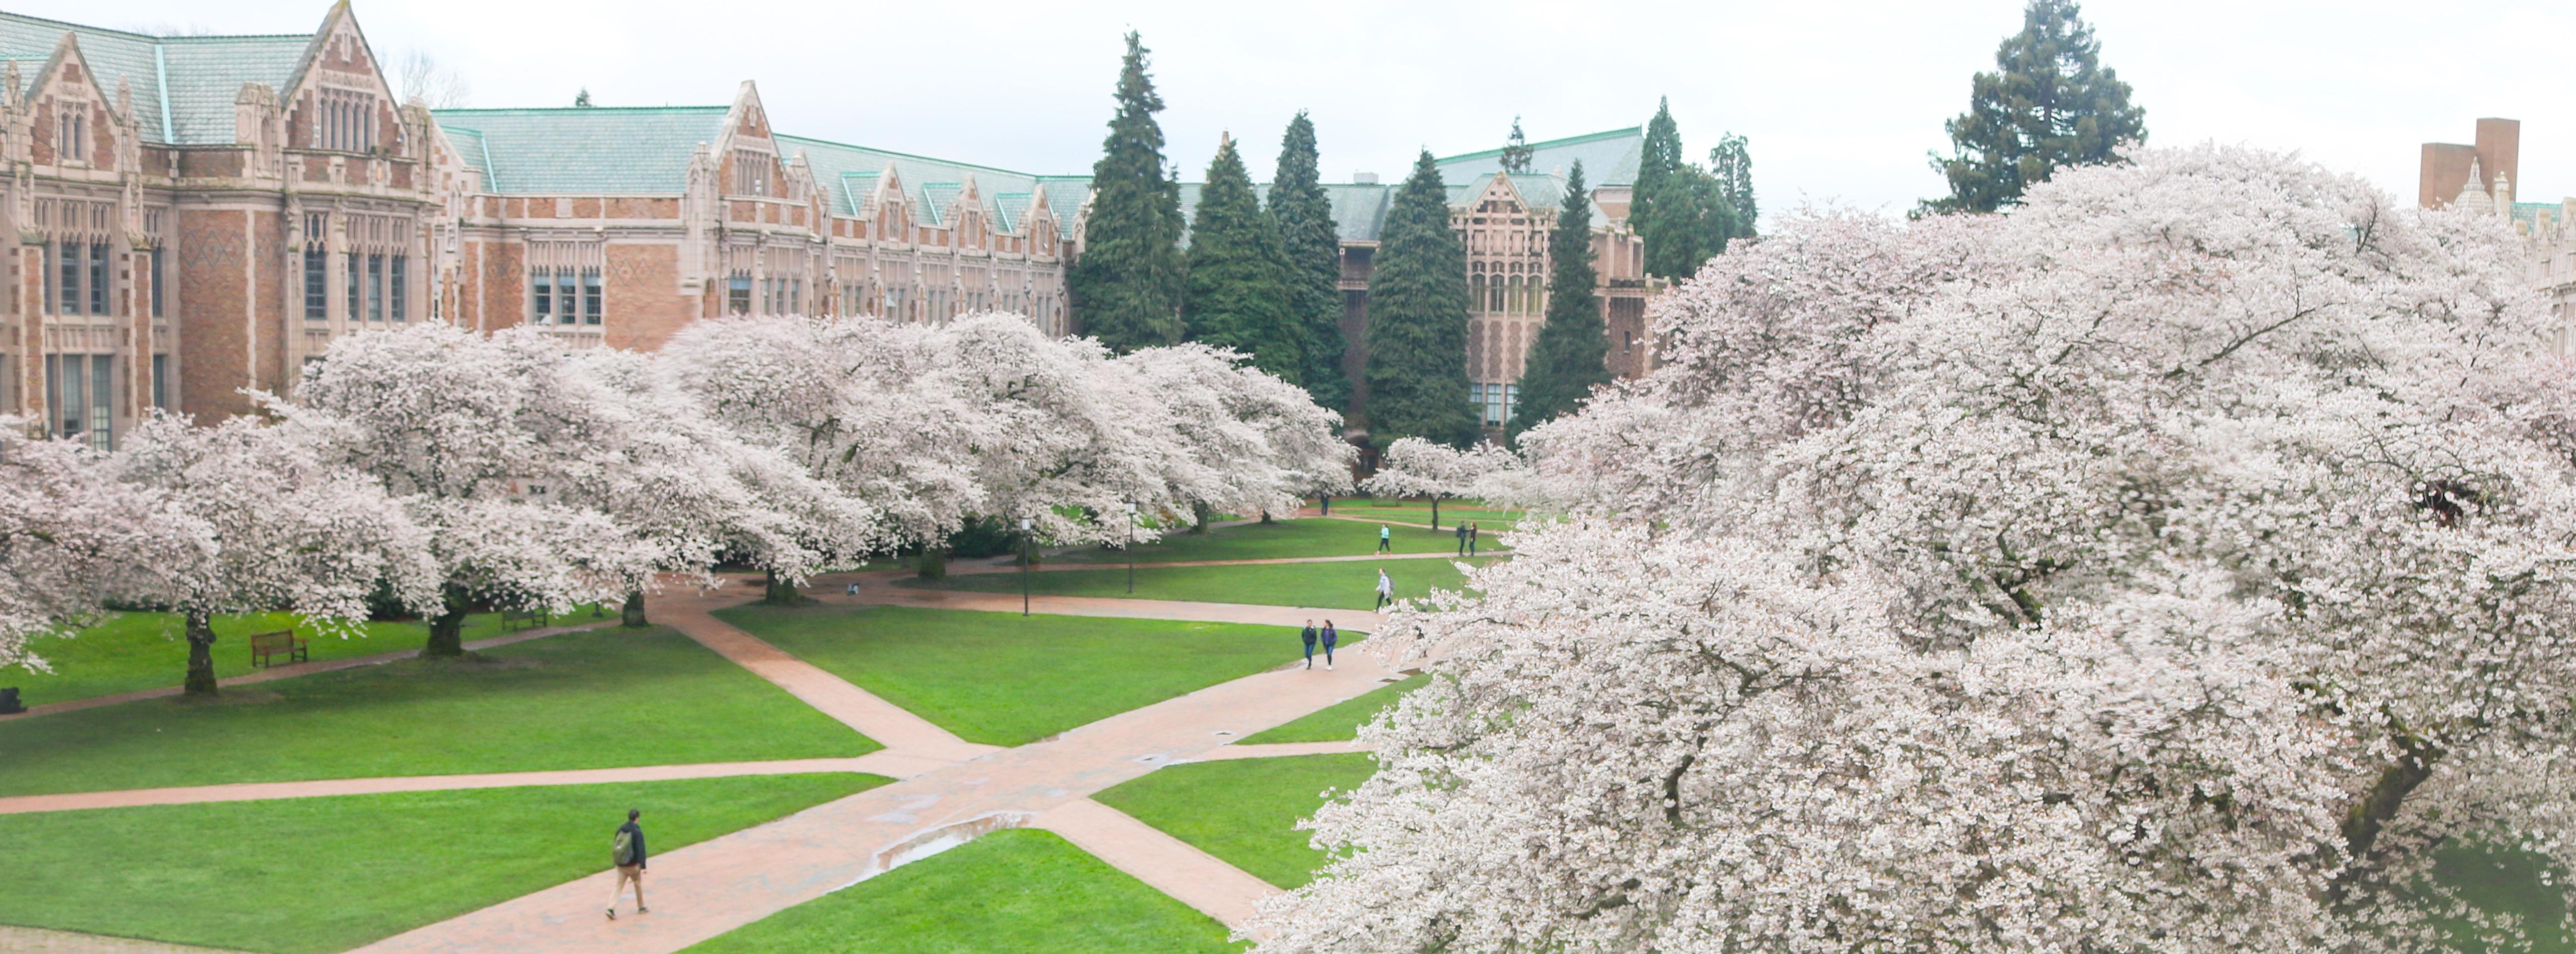 Yoshino Cherry Trees Rosemary S Blog